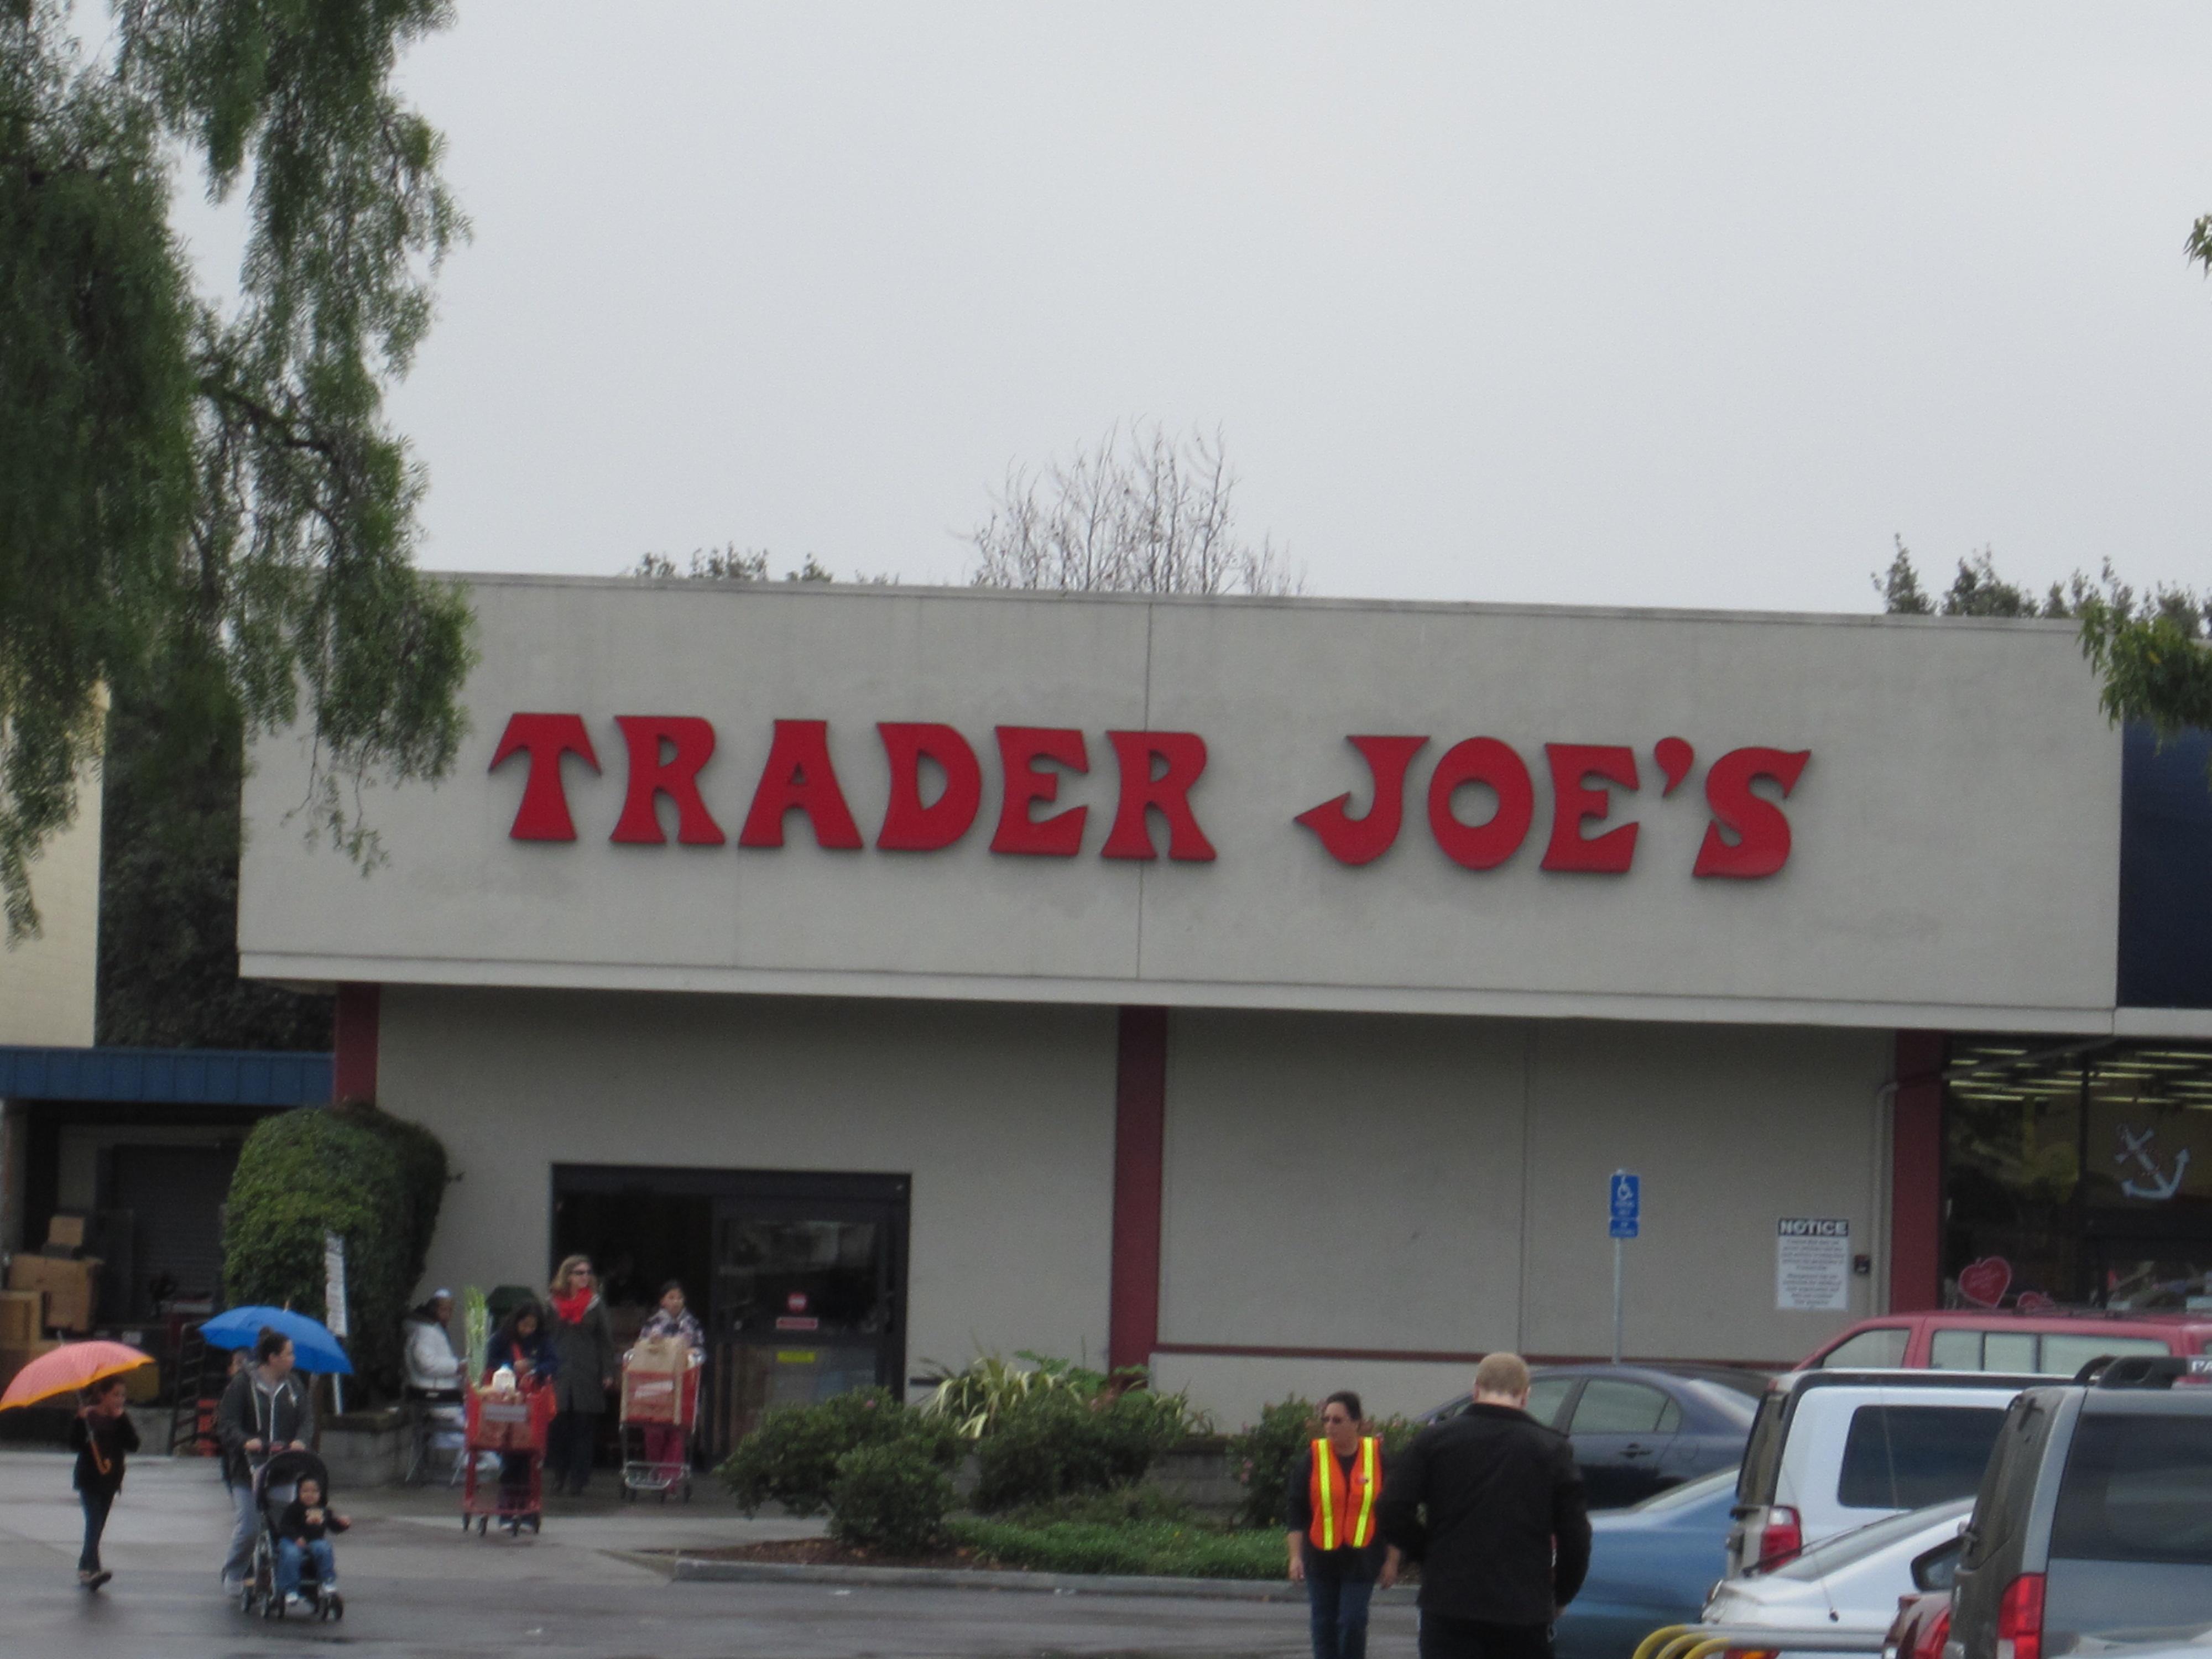 Trader 369